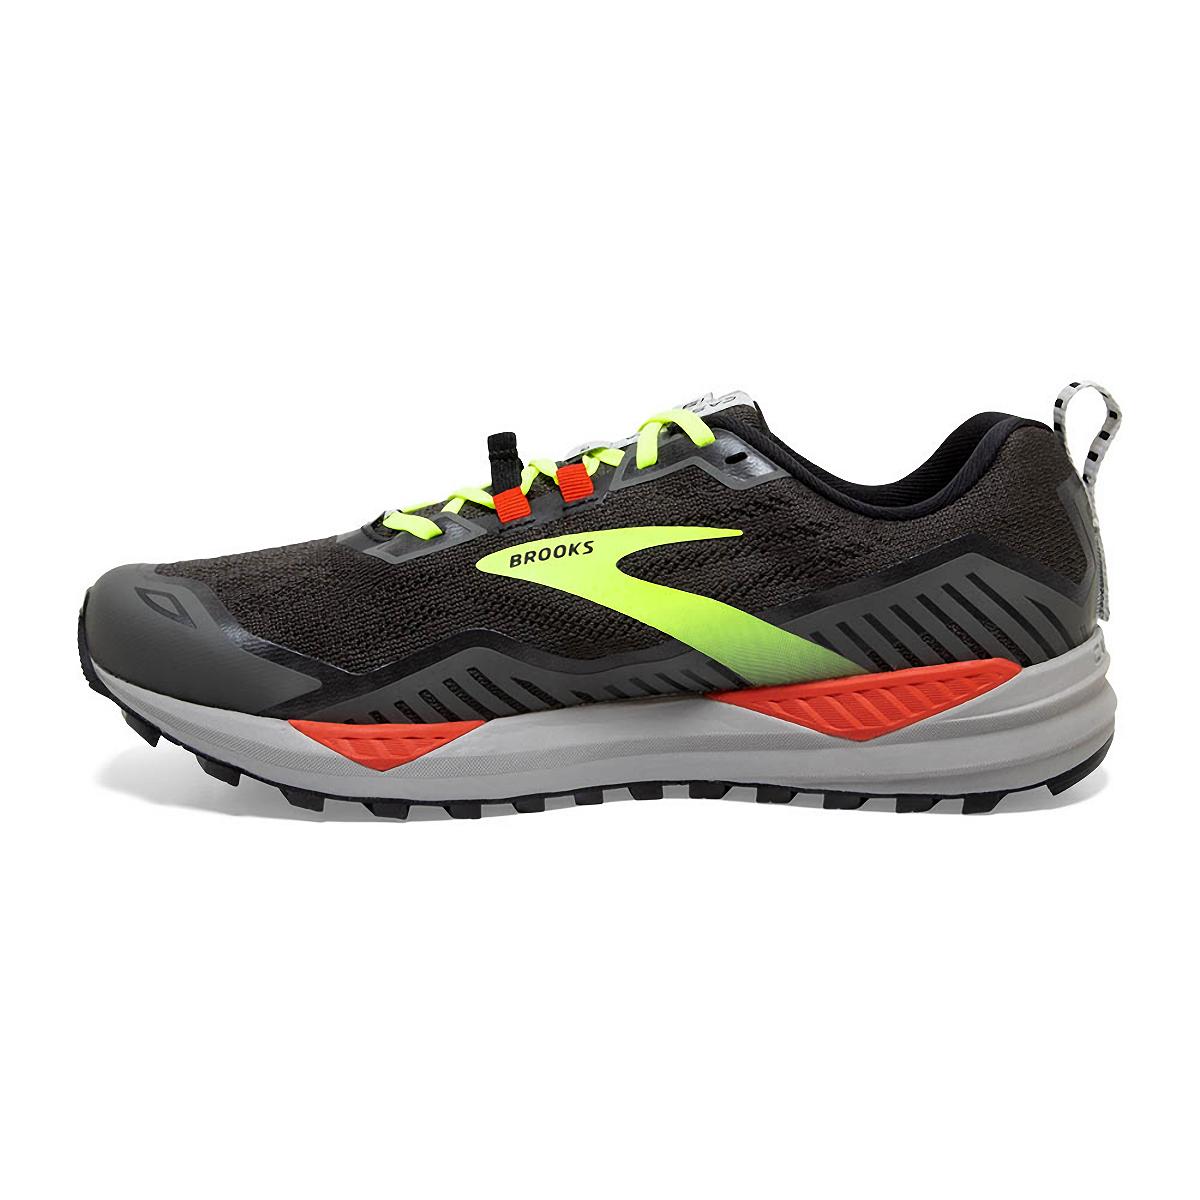 Men's Brooks Cascadia 15 Trail Running Shoe - Color: Black/Raven - Size: 8.5 - Width: Regular, Black/Raven, large, image 2